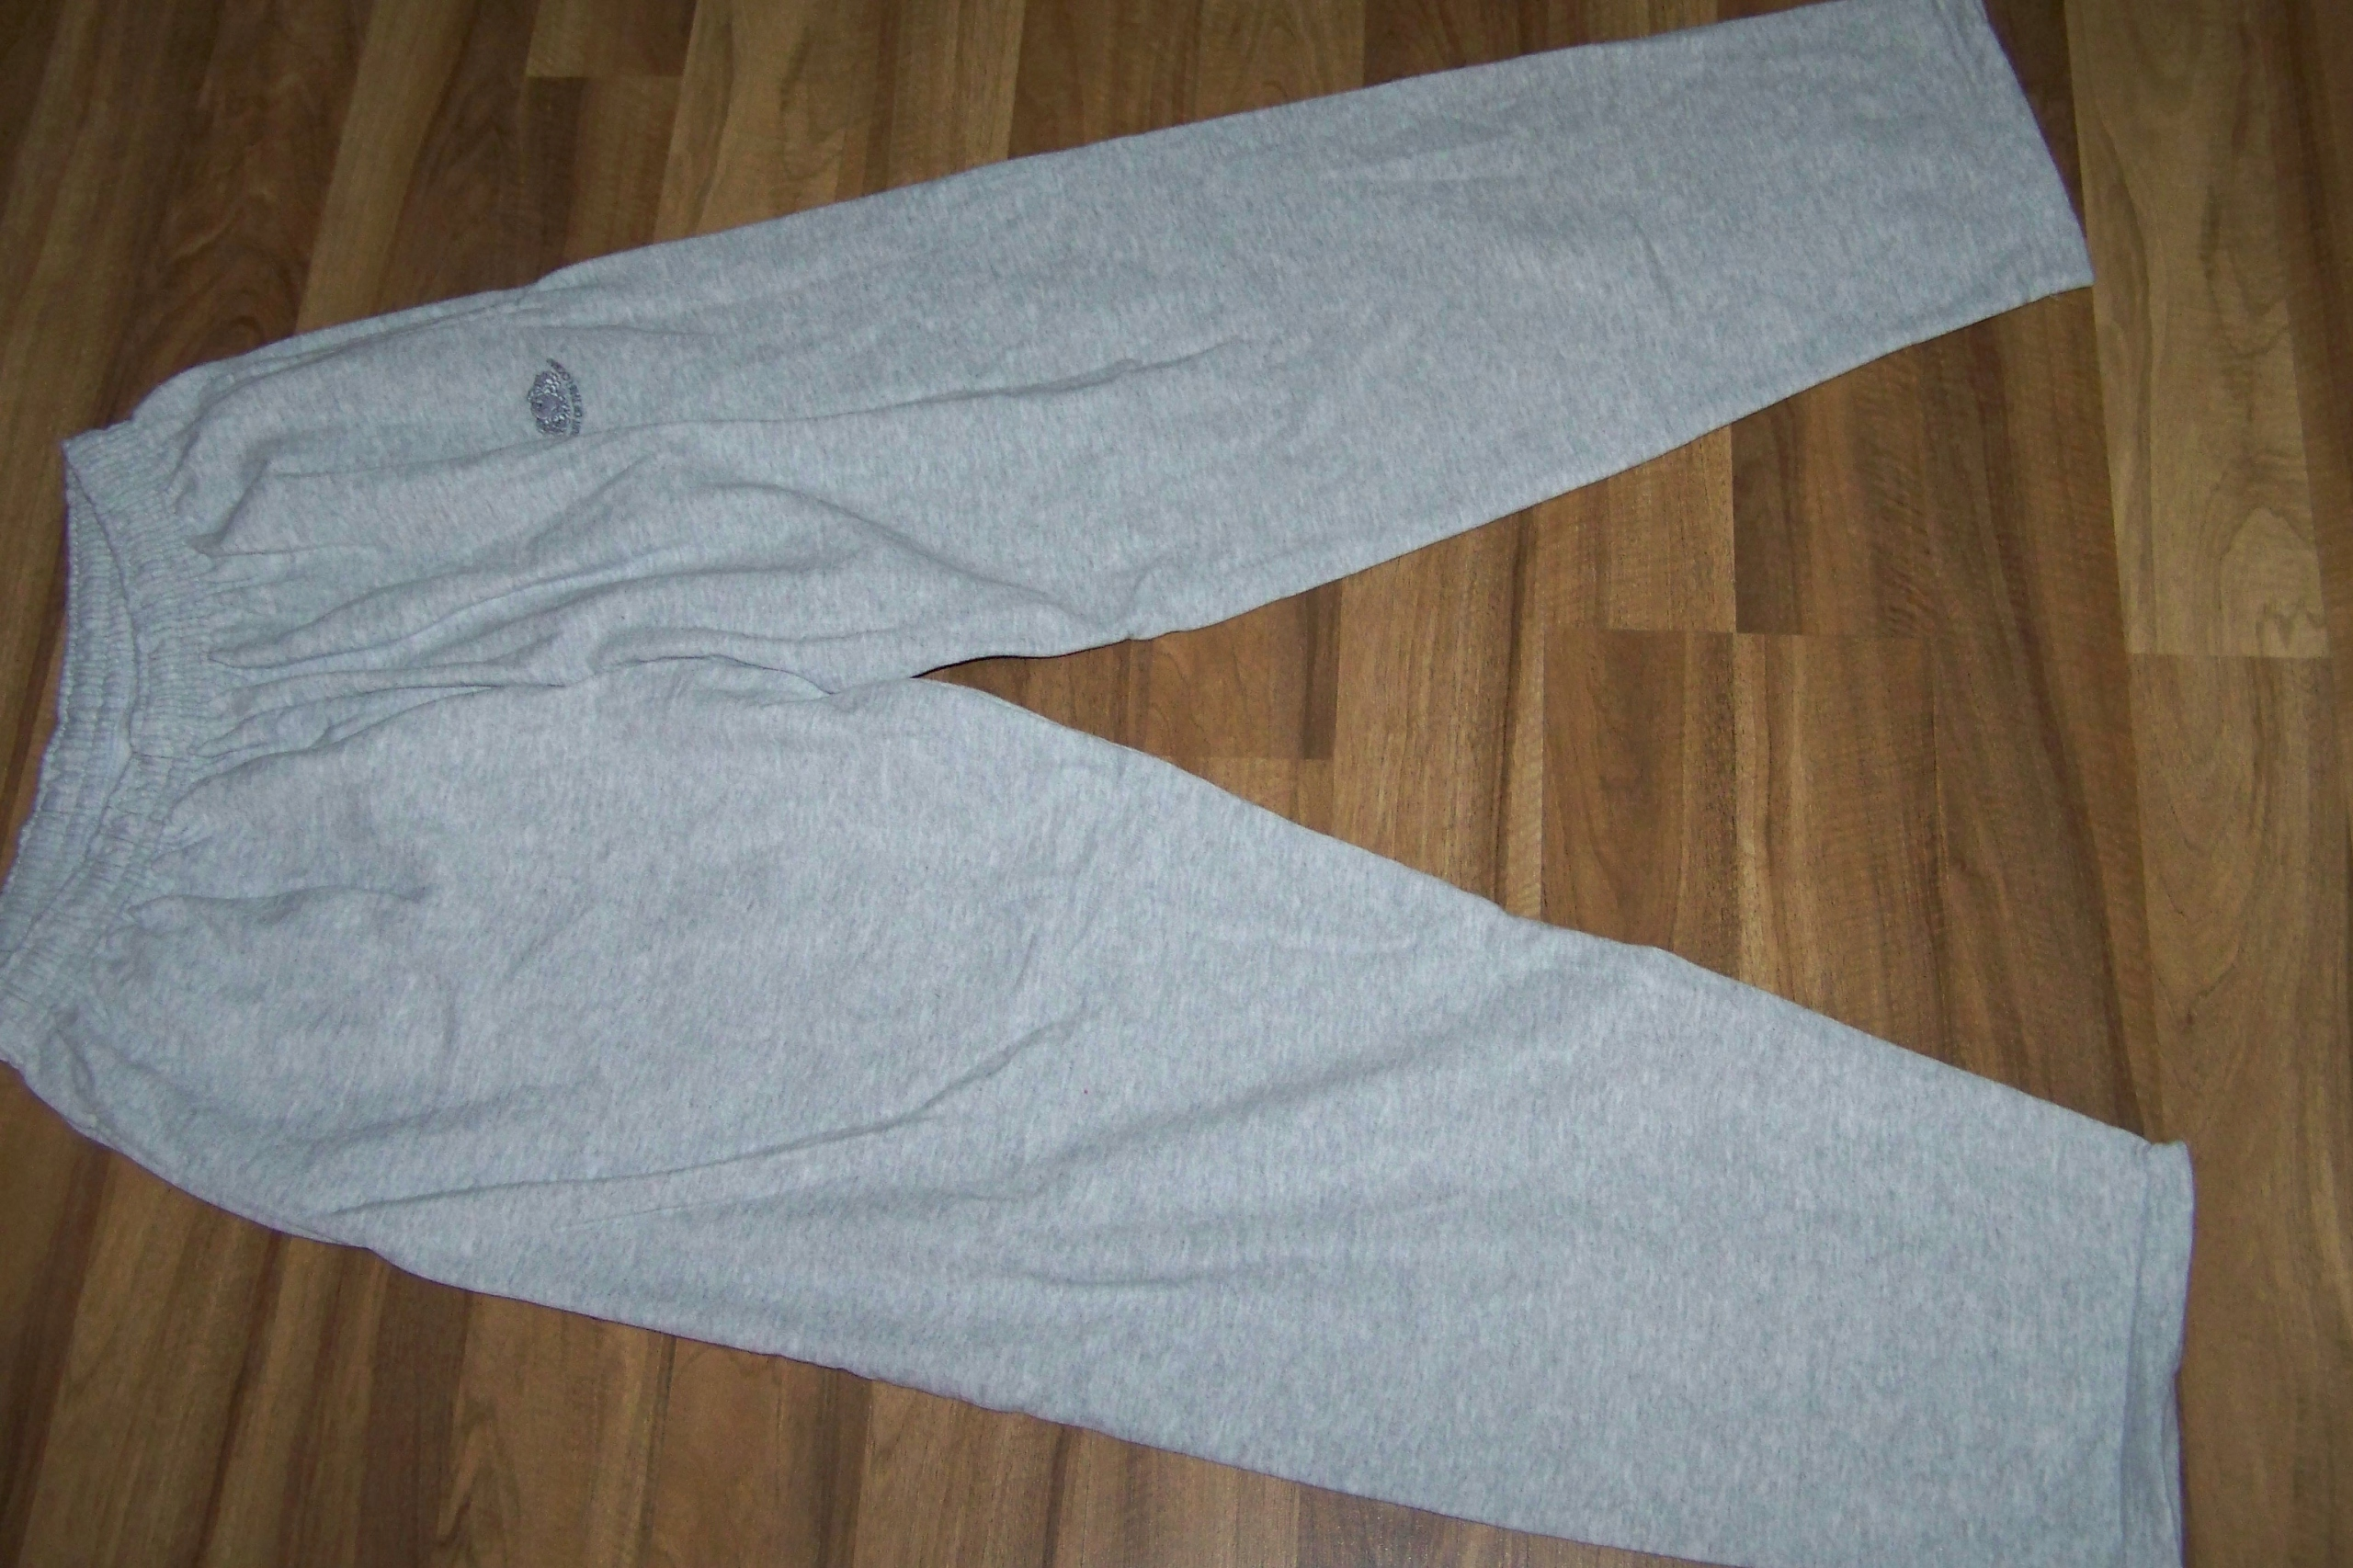 FRUIT szare męskie spodnie dresowe XL/XXL SUPER